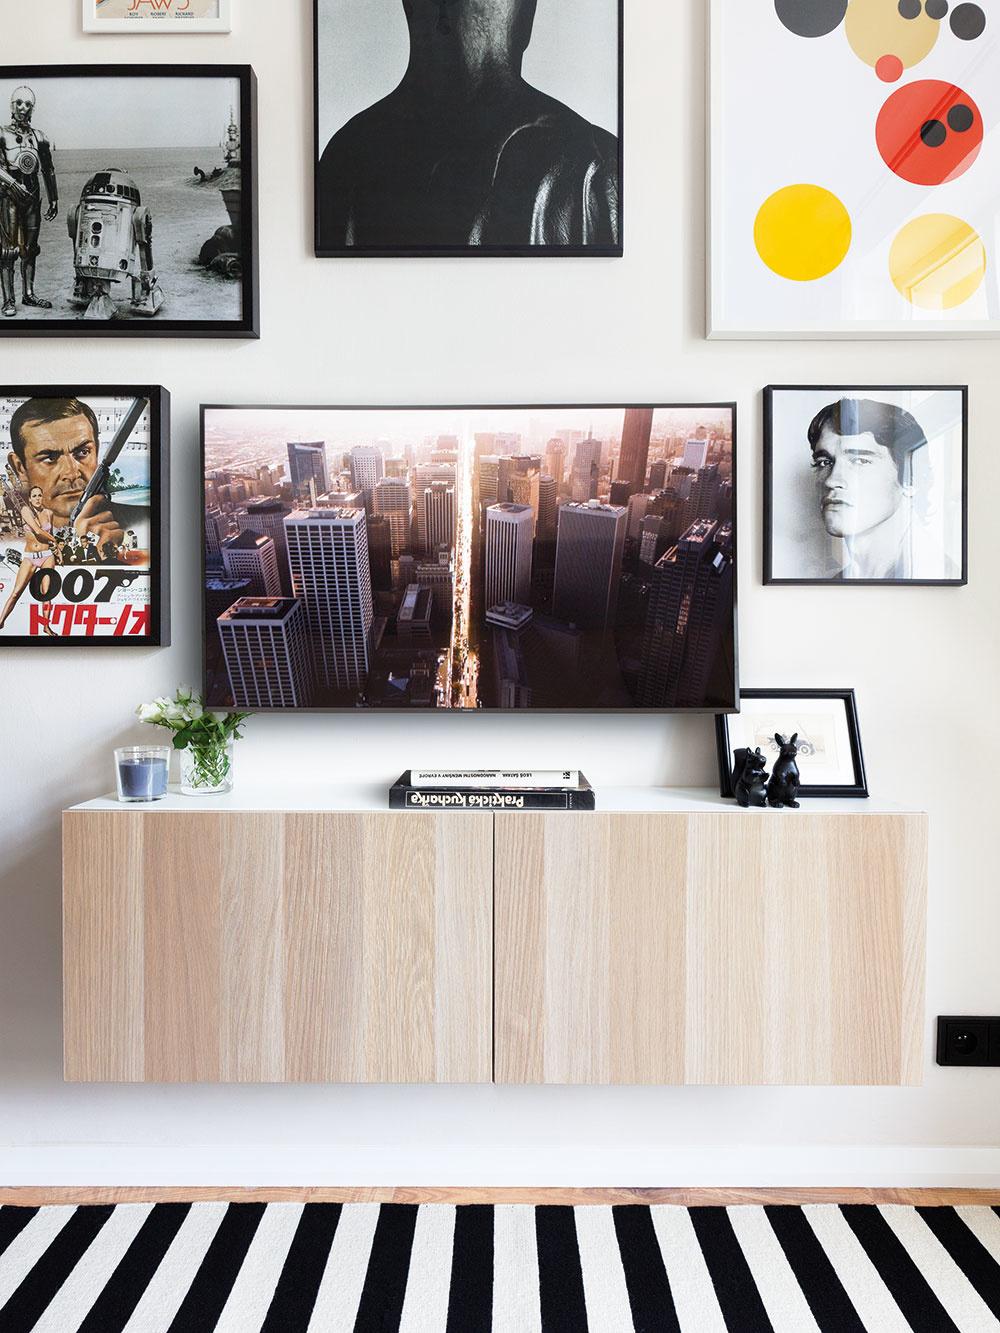 STENA V OBÝVAČKE PREZRÁDZA, že majiteľ bytu je milovníkom filmov. Z čiernych a bielych rámov sa na neho usmieva Arnold Schwarzenegger či filmový James Bond.